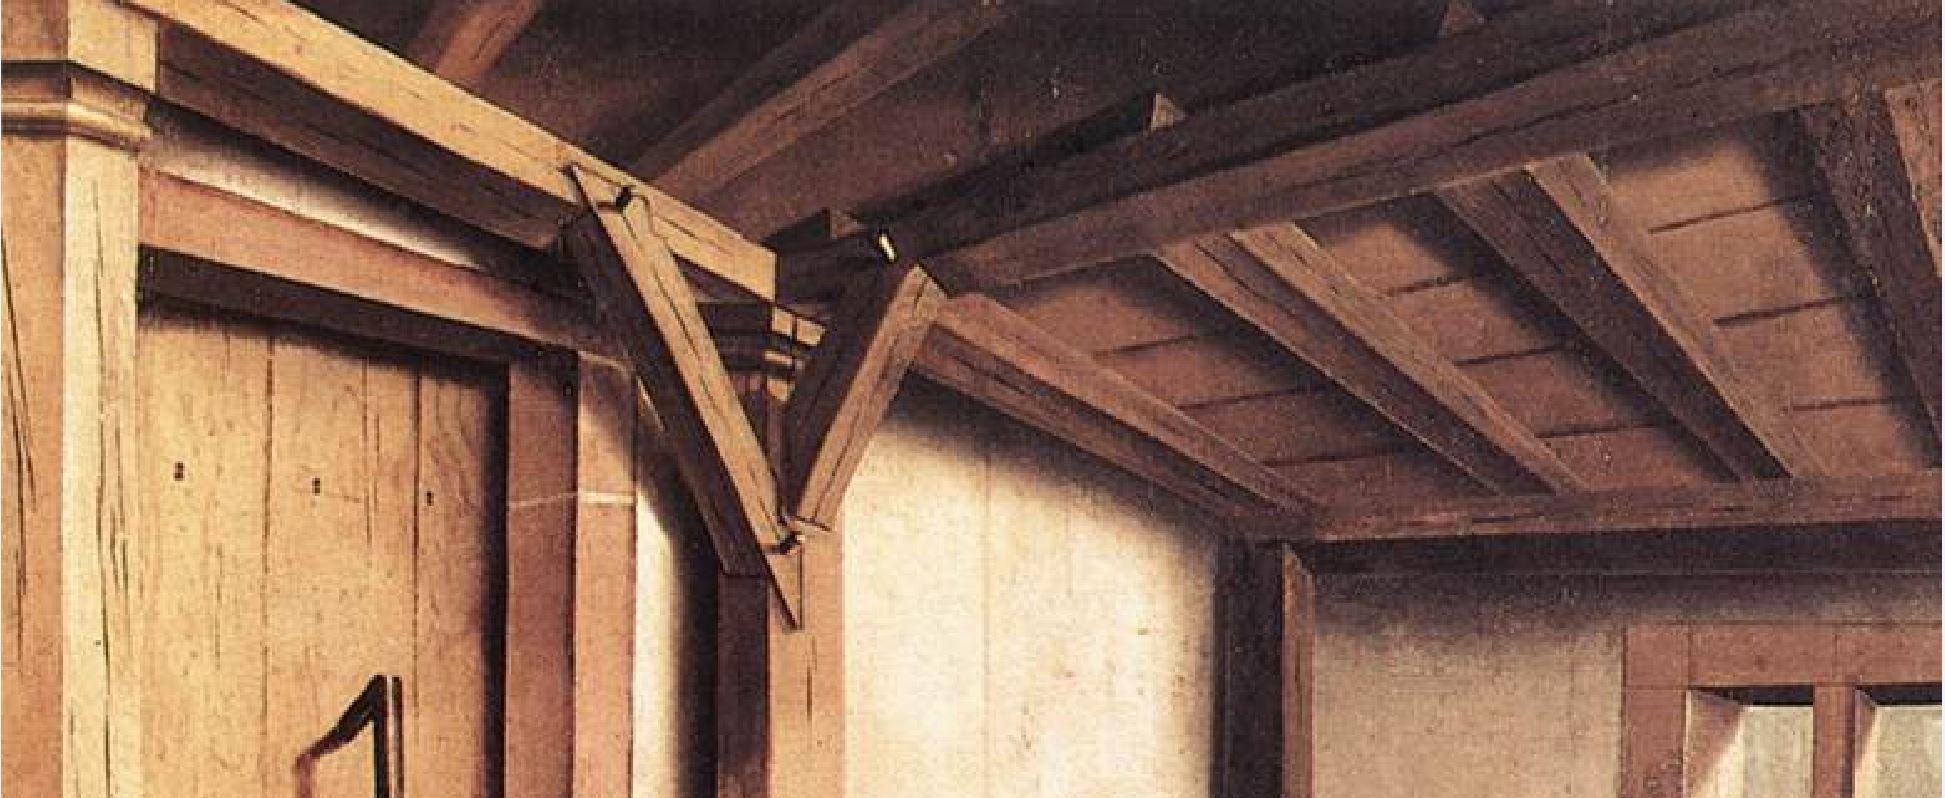 1437-40 Konrad Witz Annonciation Germanisches National Museum Nuremberg plafond